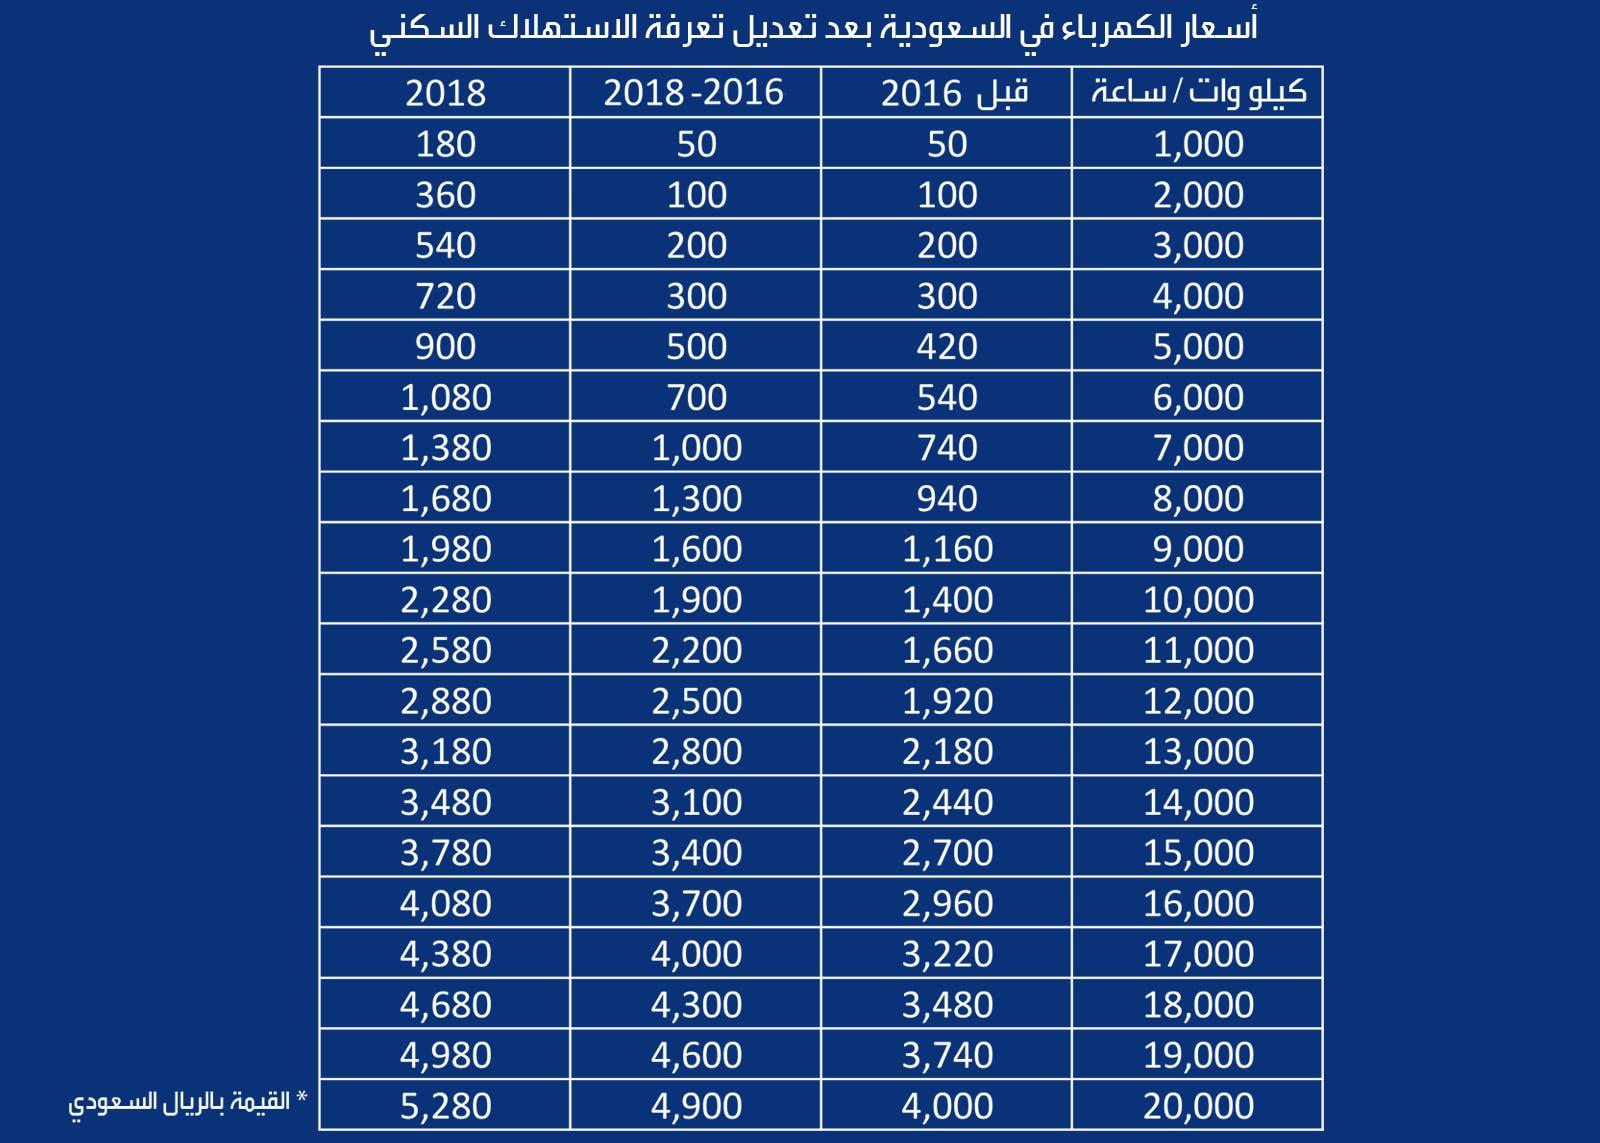 حساب فاتورة الكهرباء في السعودية بعد تعديل التعرفة